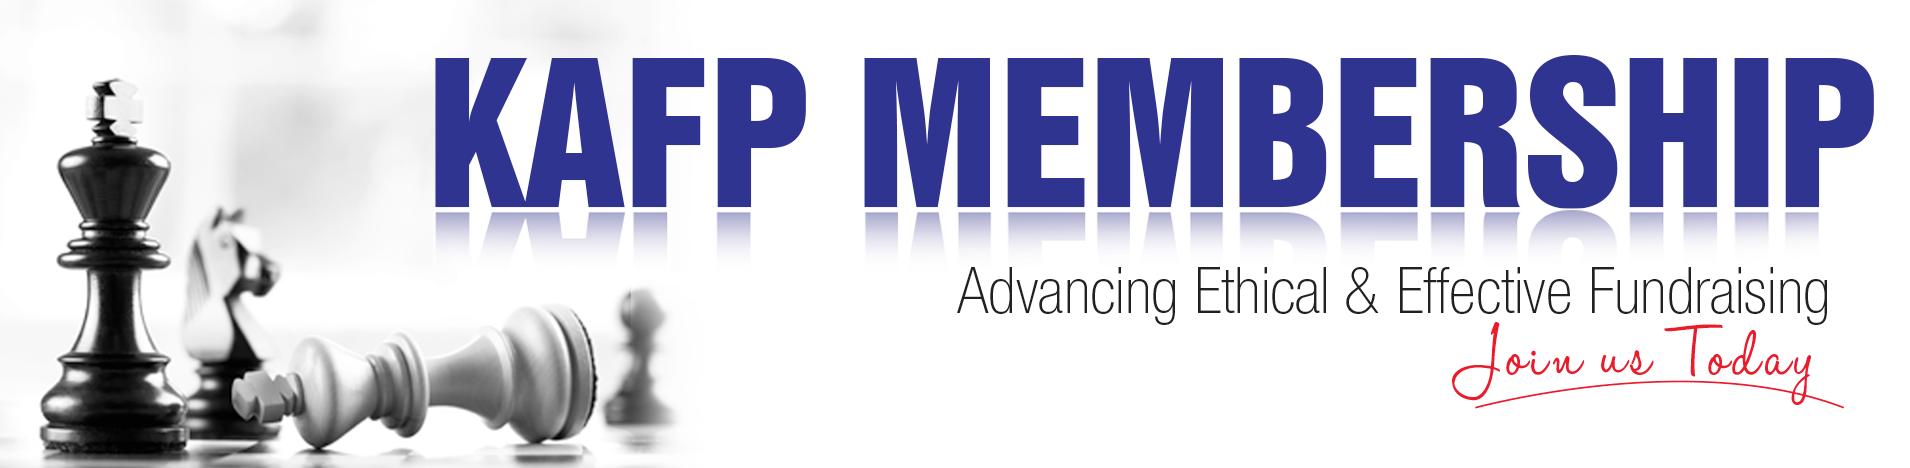 BANNER-Membership